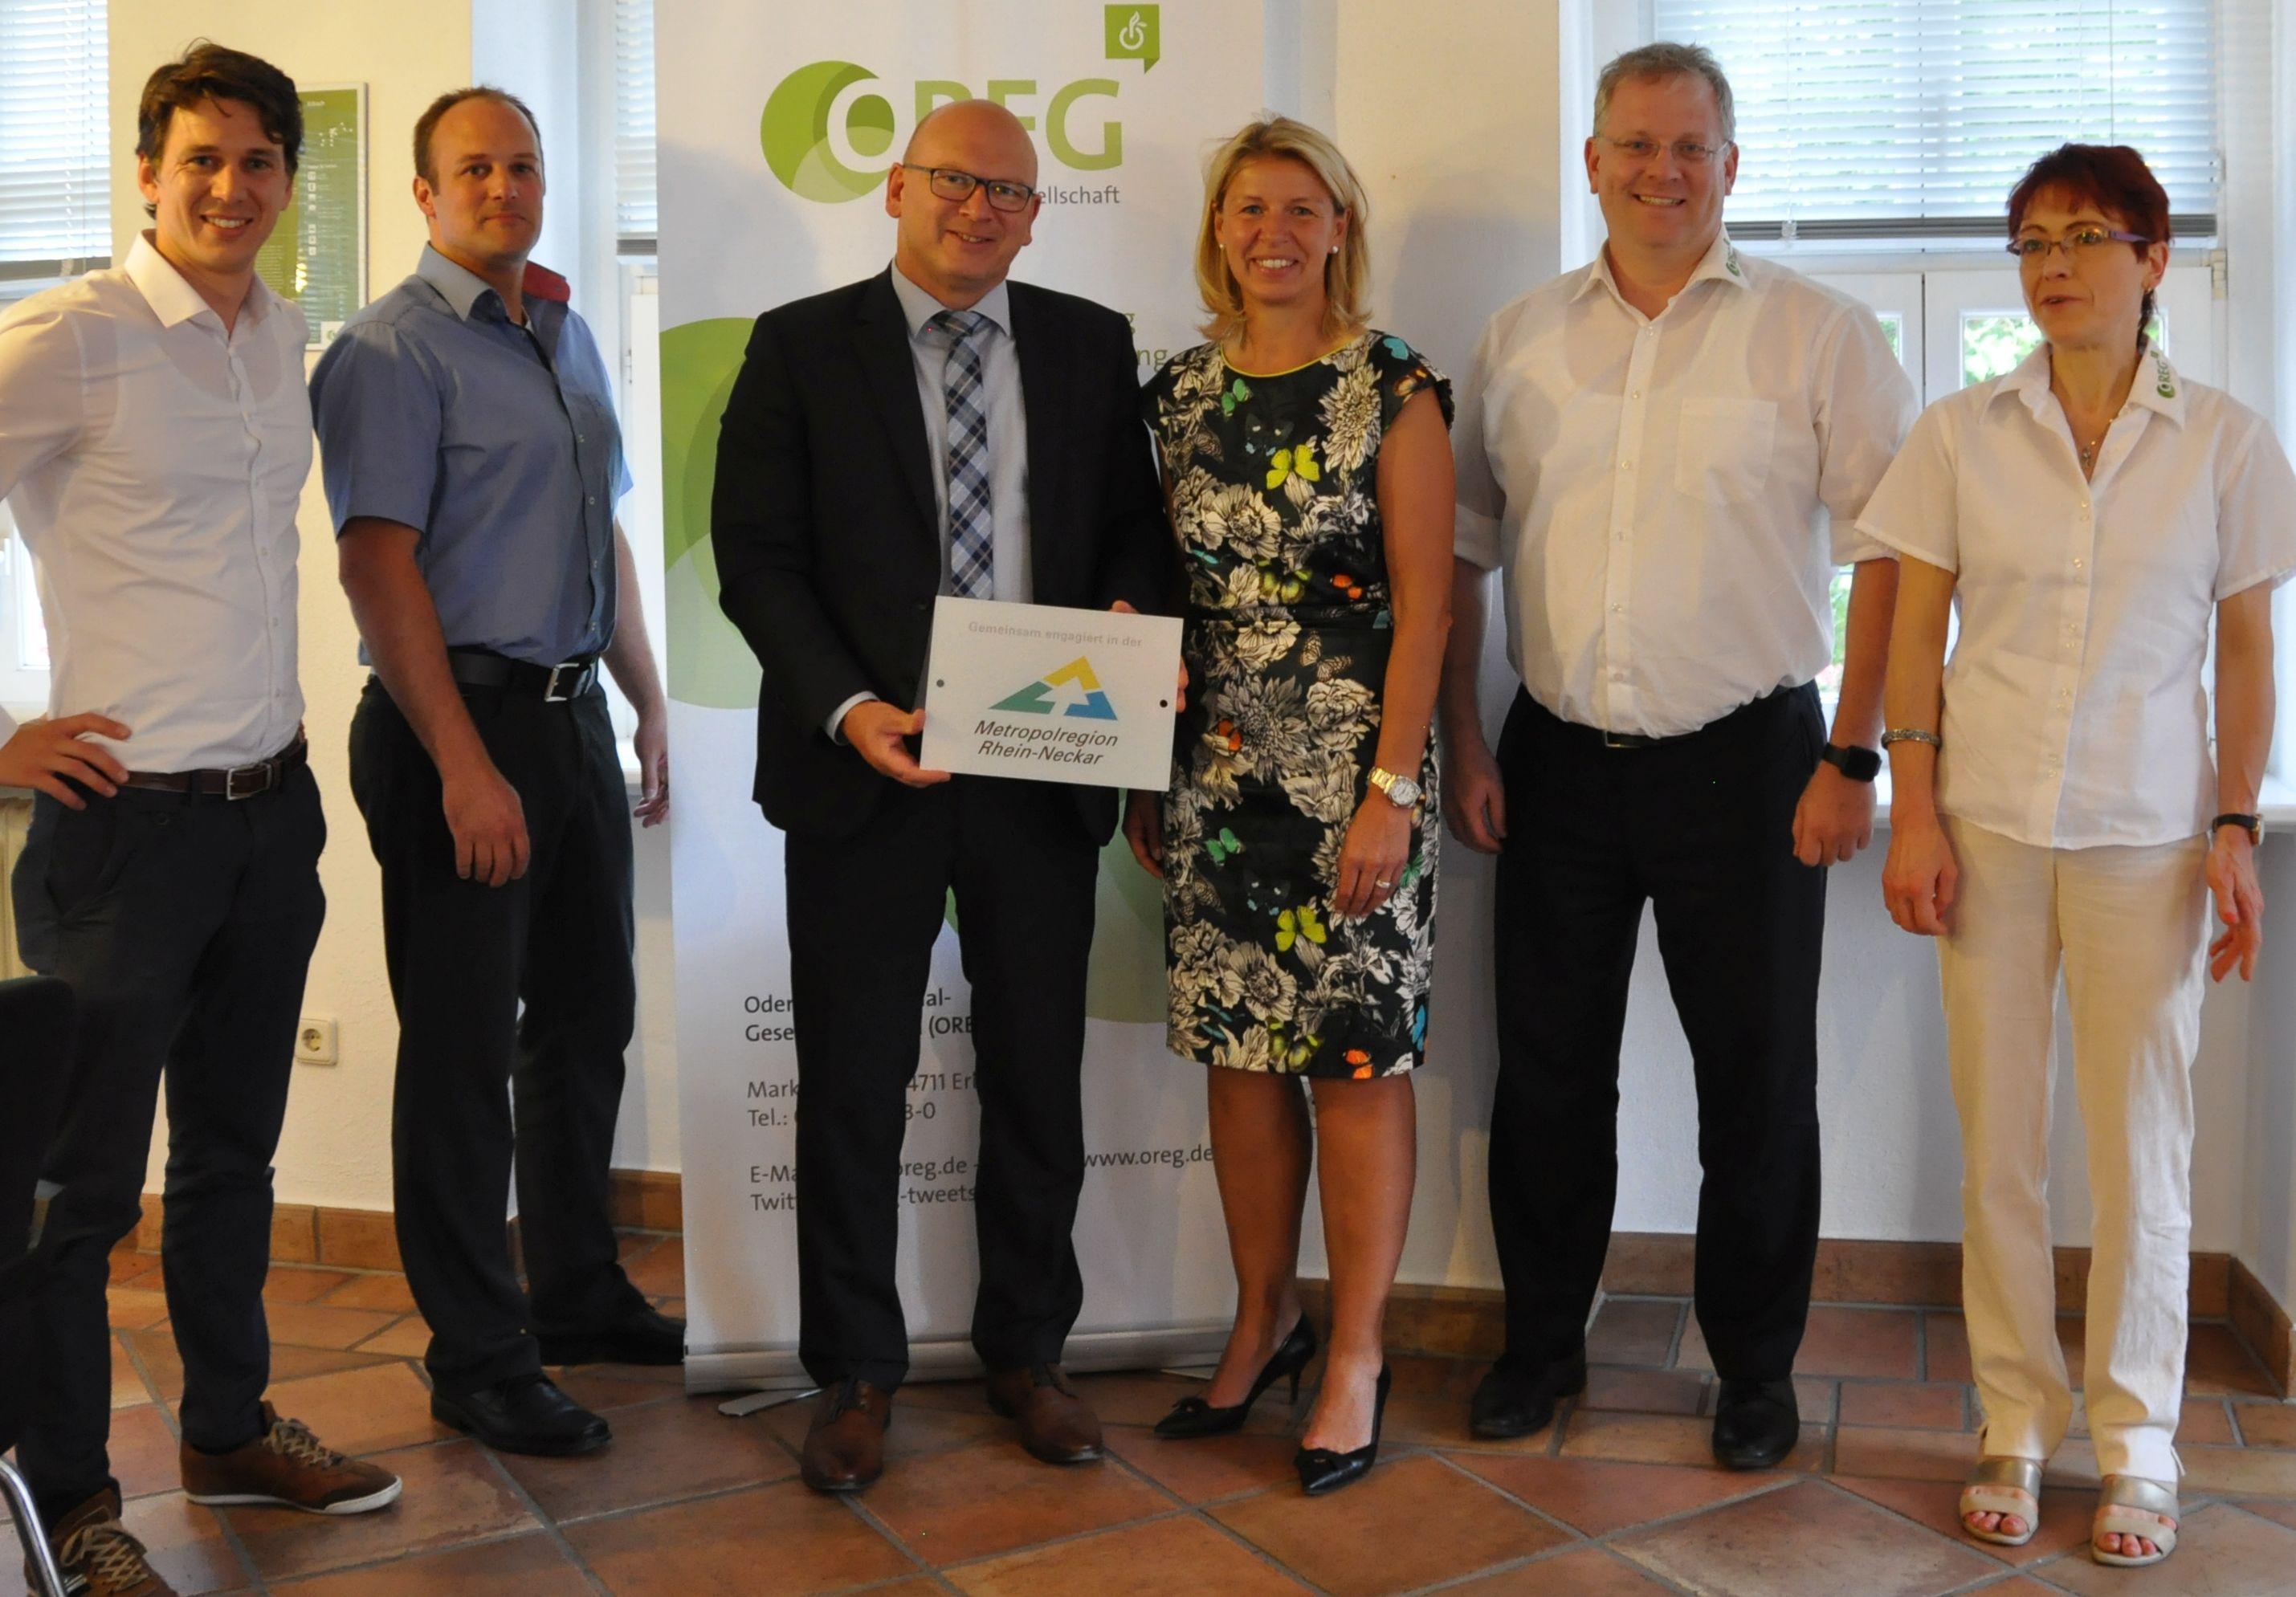 Read more about the article Landrat erwartet positive Impulse für Wirtschaft im südlichen Odenwald